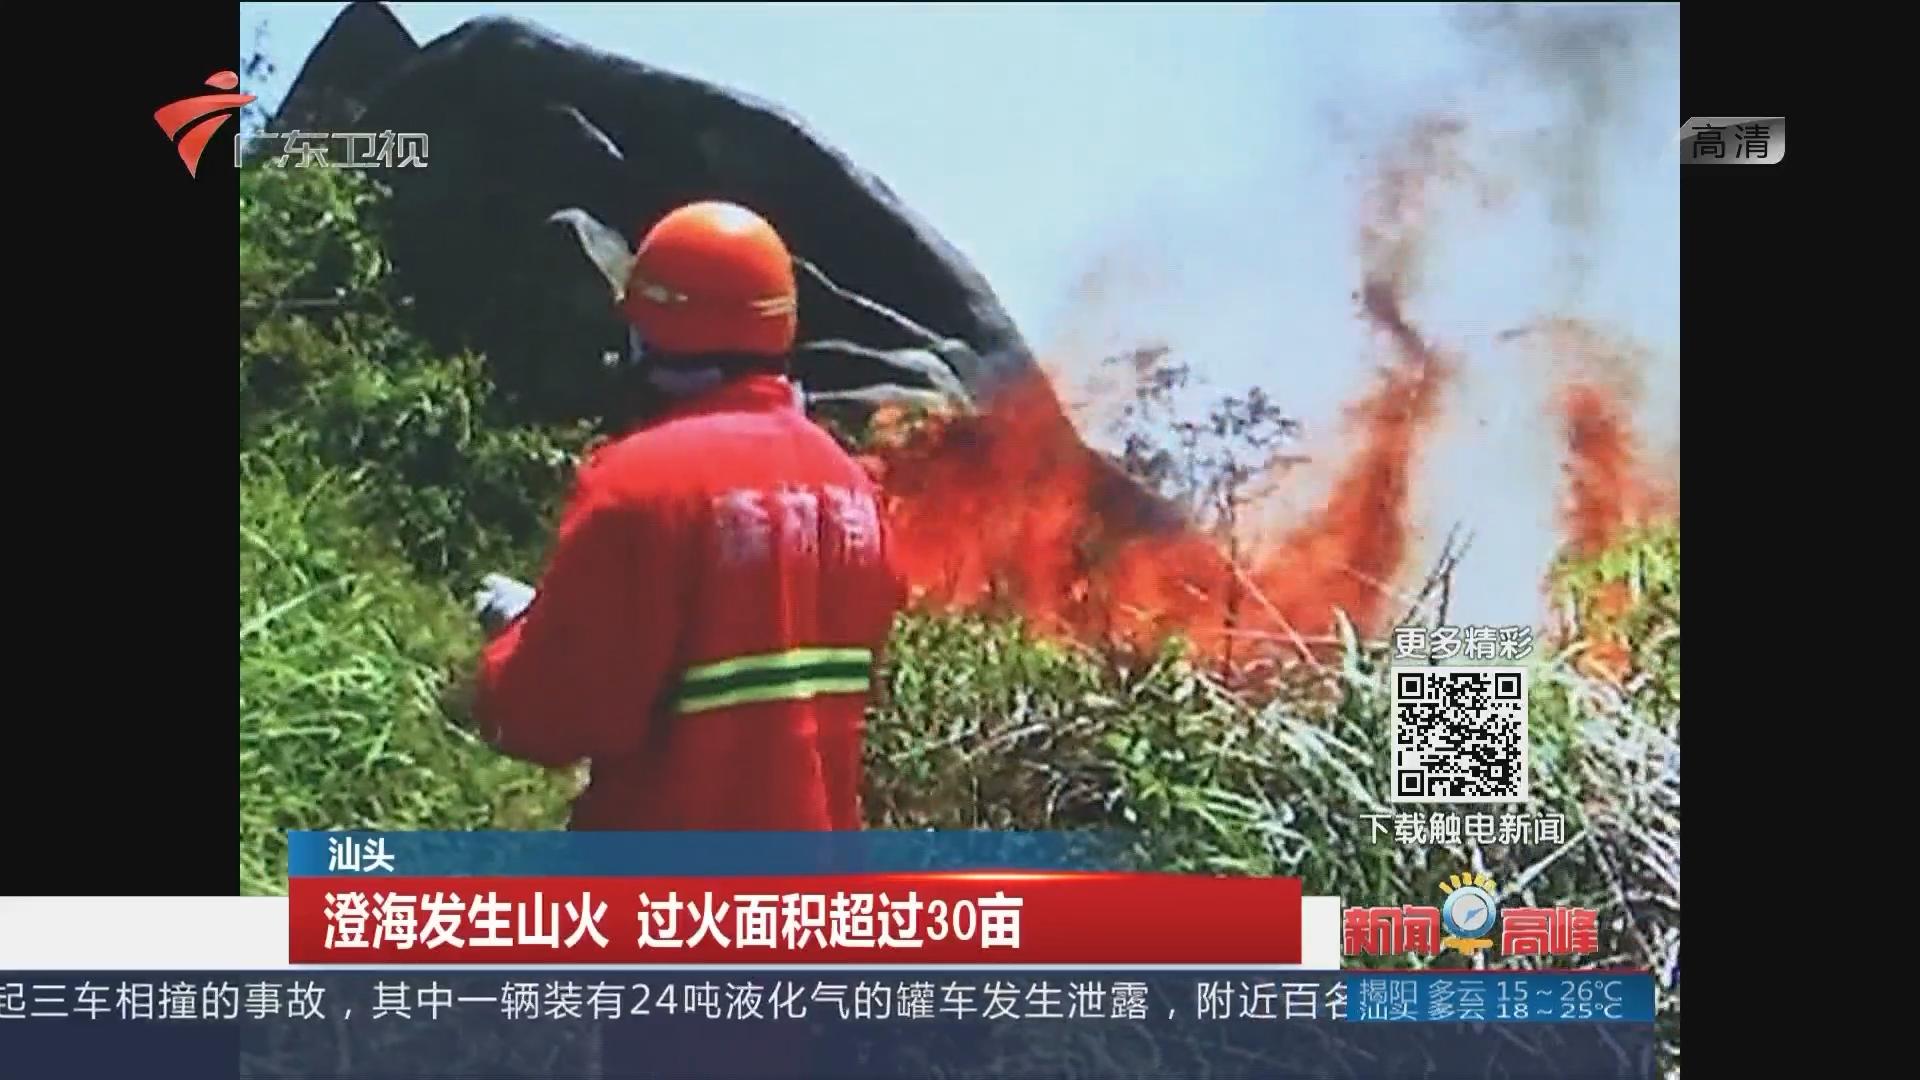 汕头:澄海发生山火 过火面积超过30亩